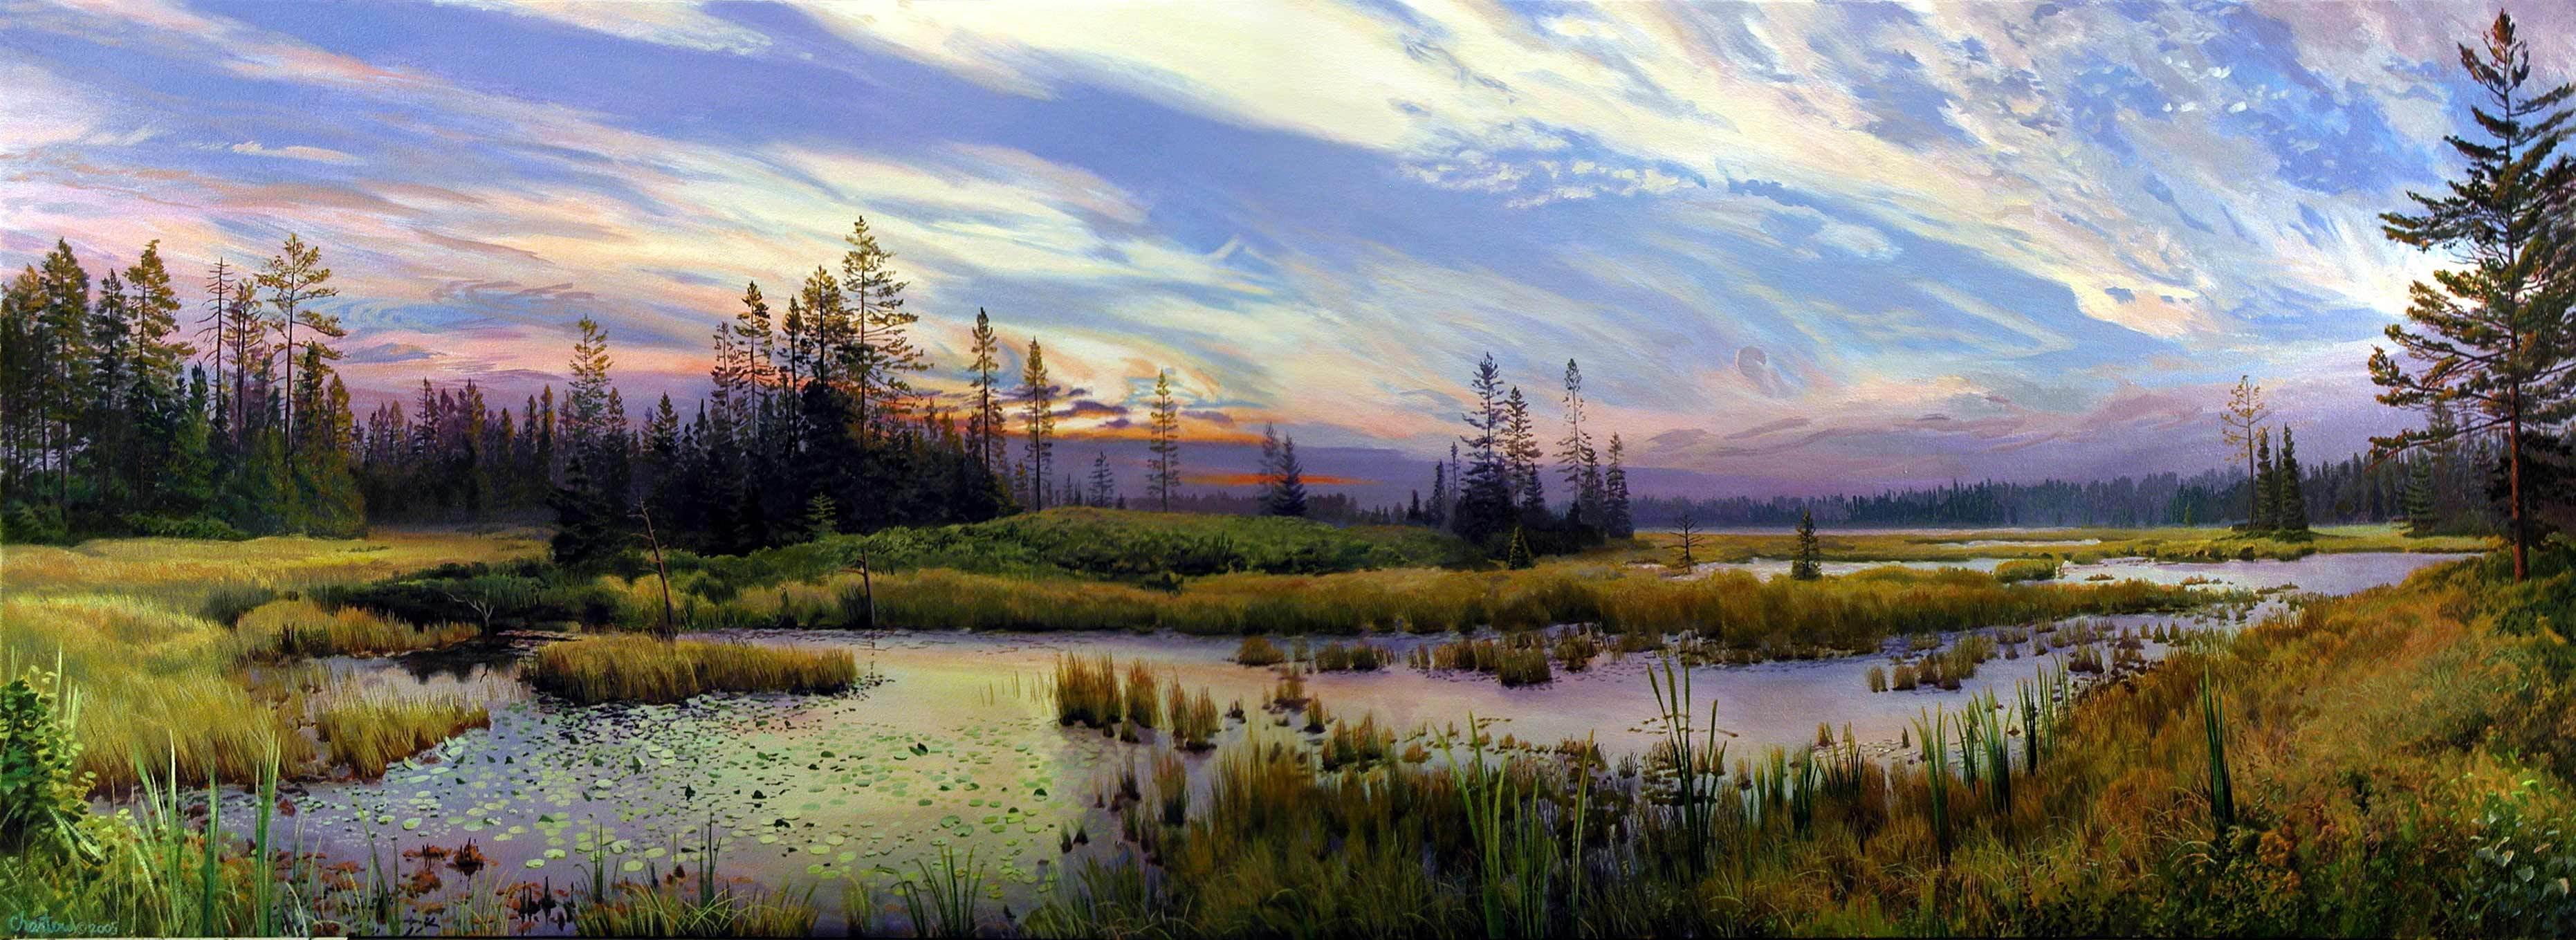 Thomas Locker Large Oil Paintings